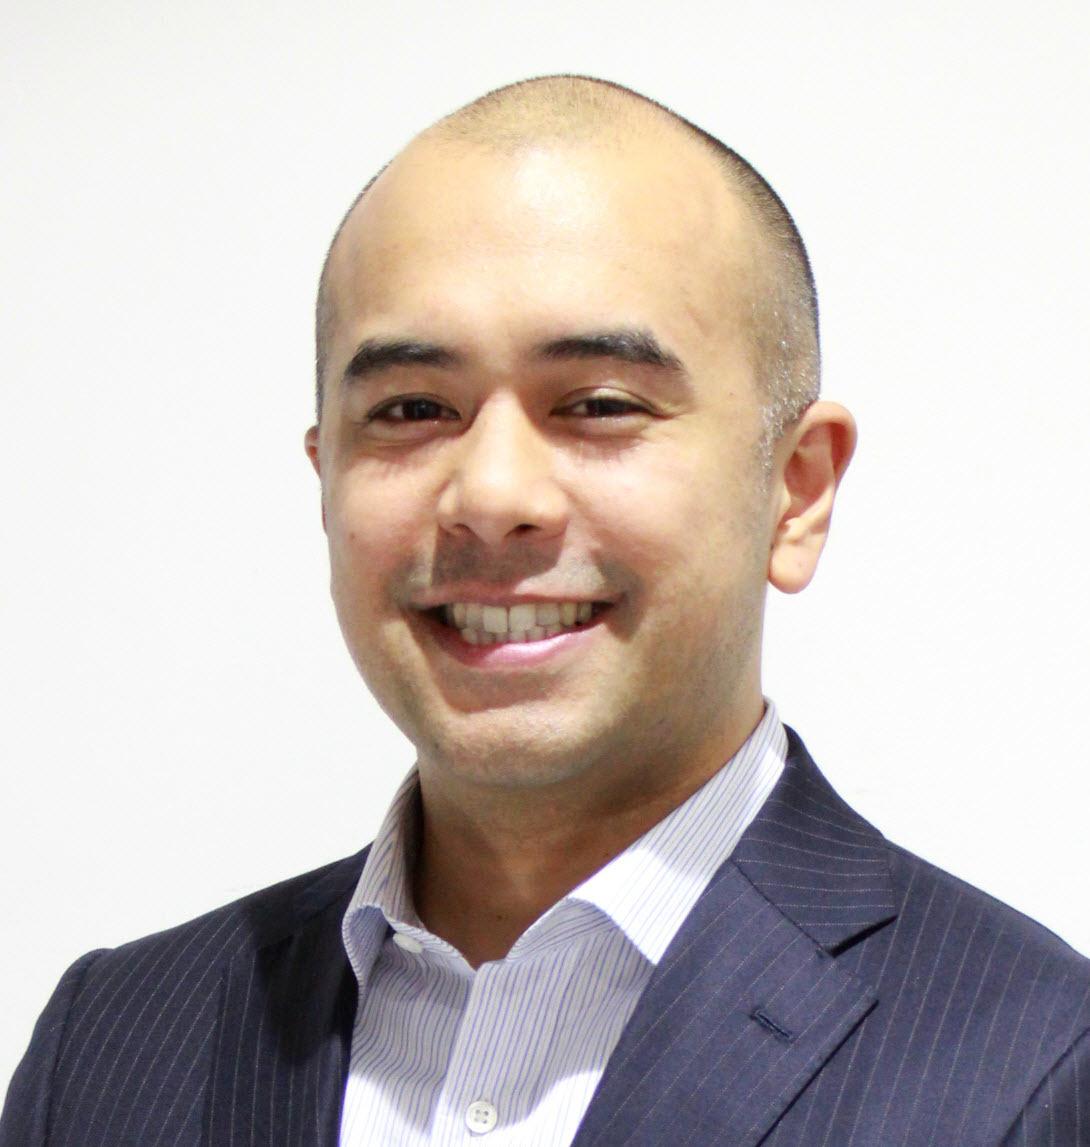 株式会社キュラーズ (Quraz) の萩原氏が考える、現在のストレージビジネスと今後の成長